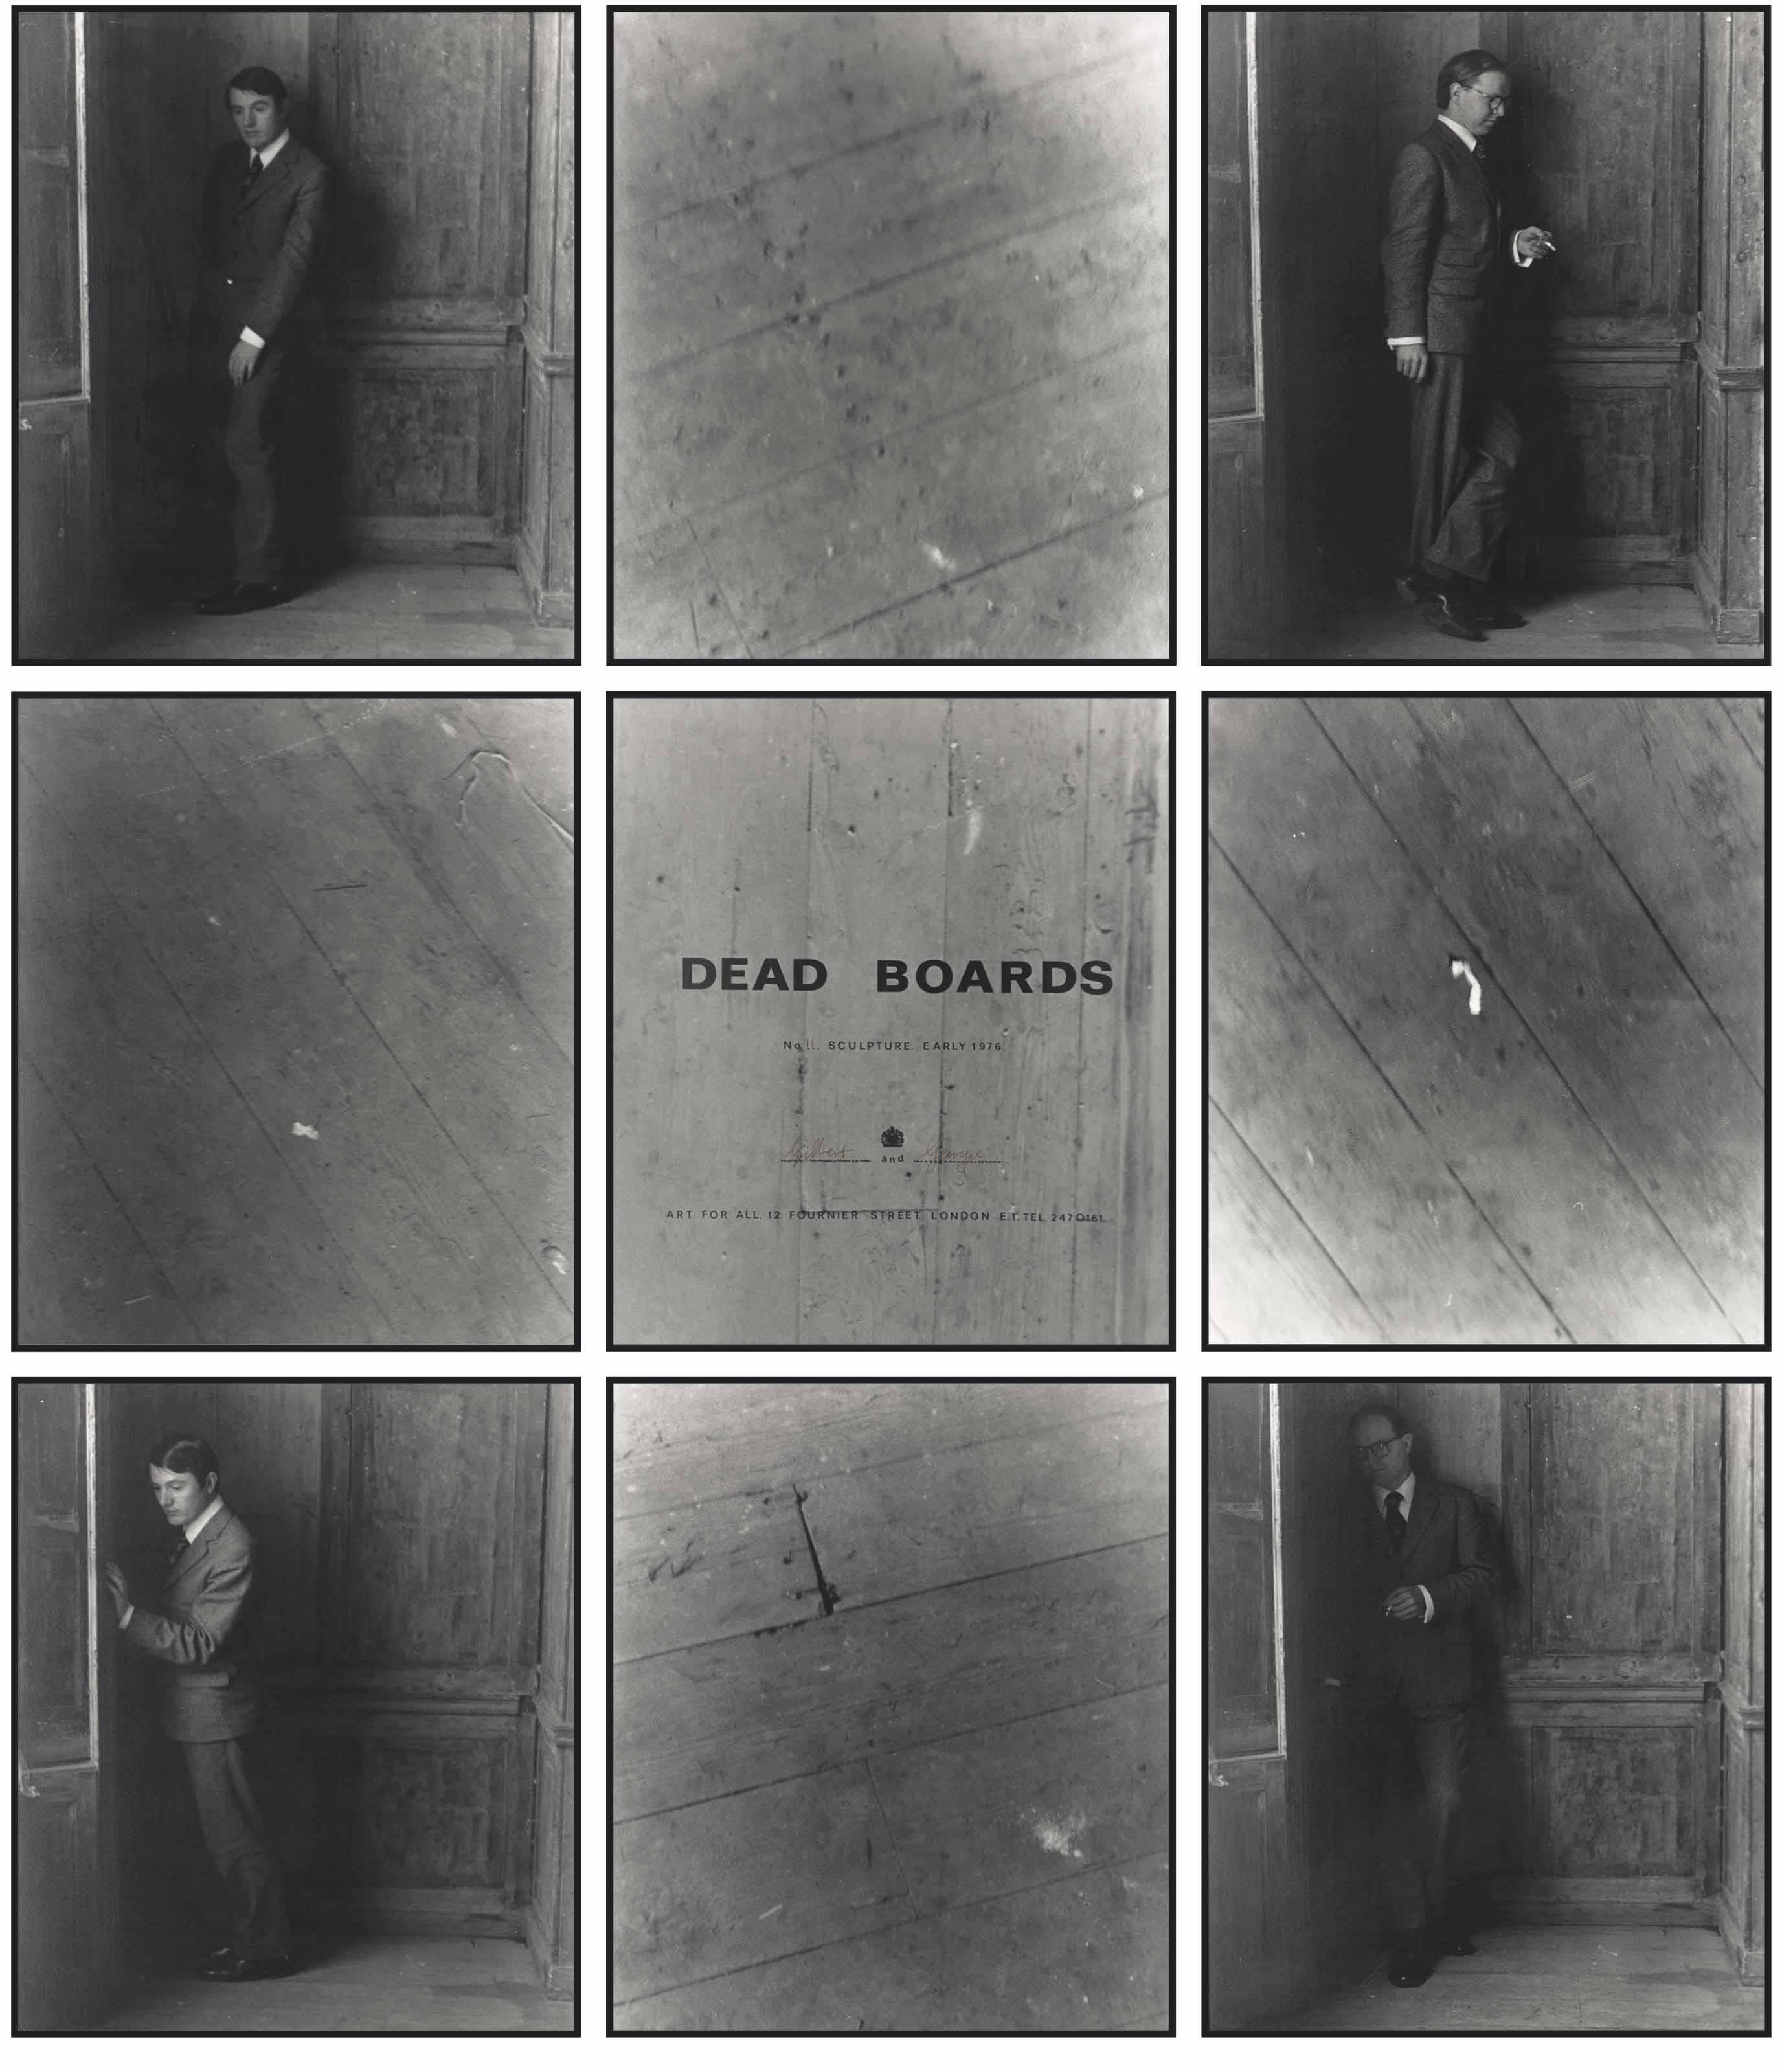 Dead Boards No. 11